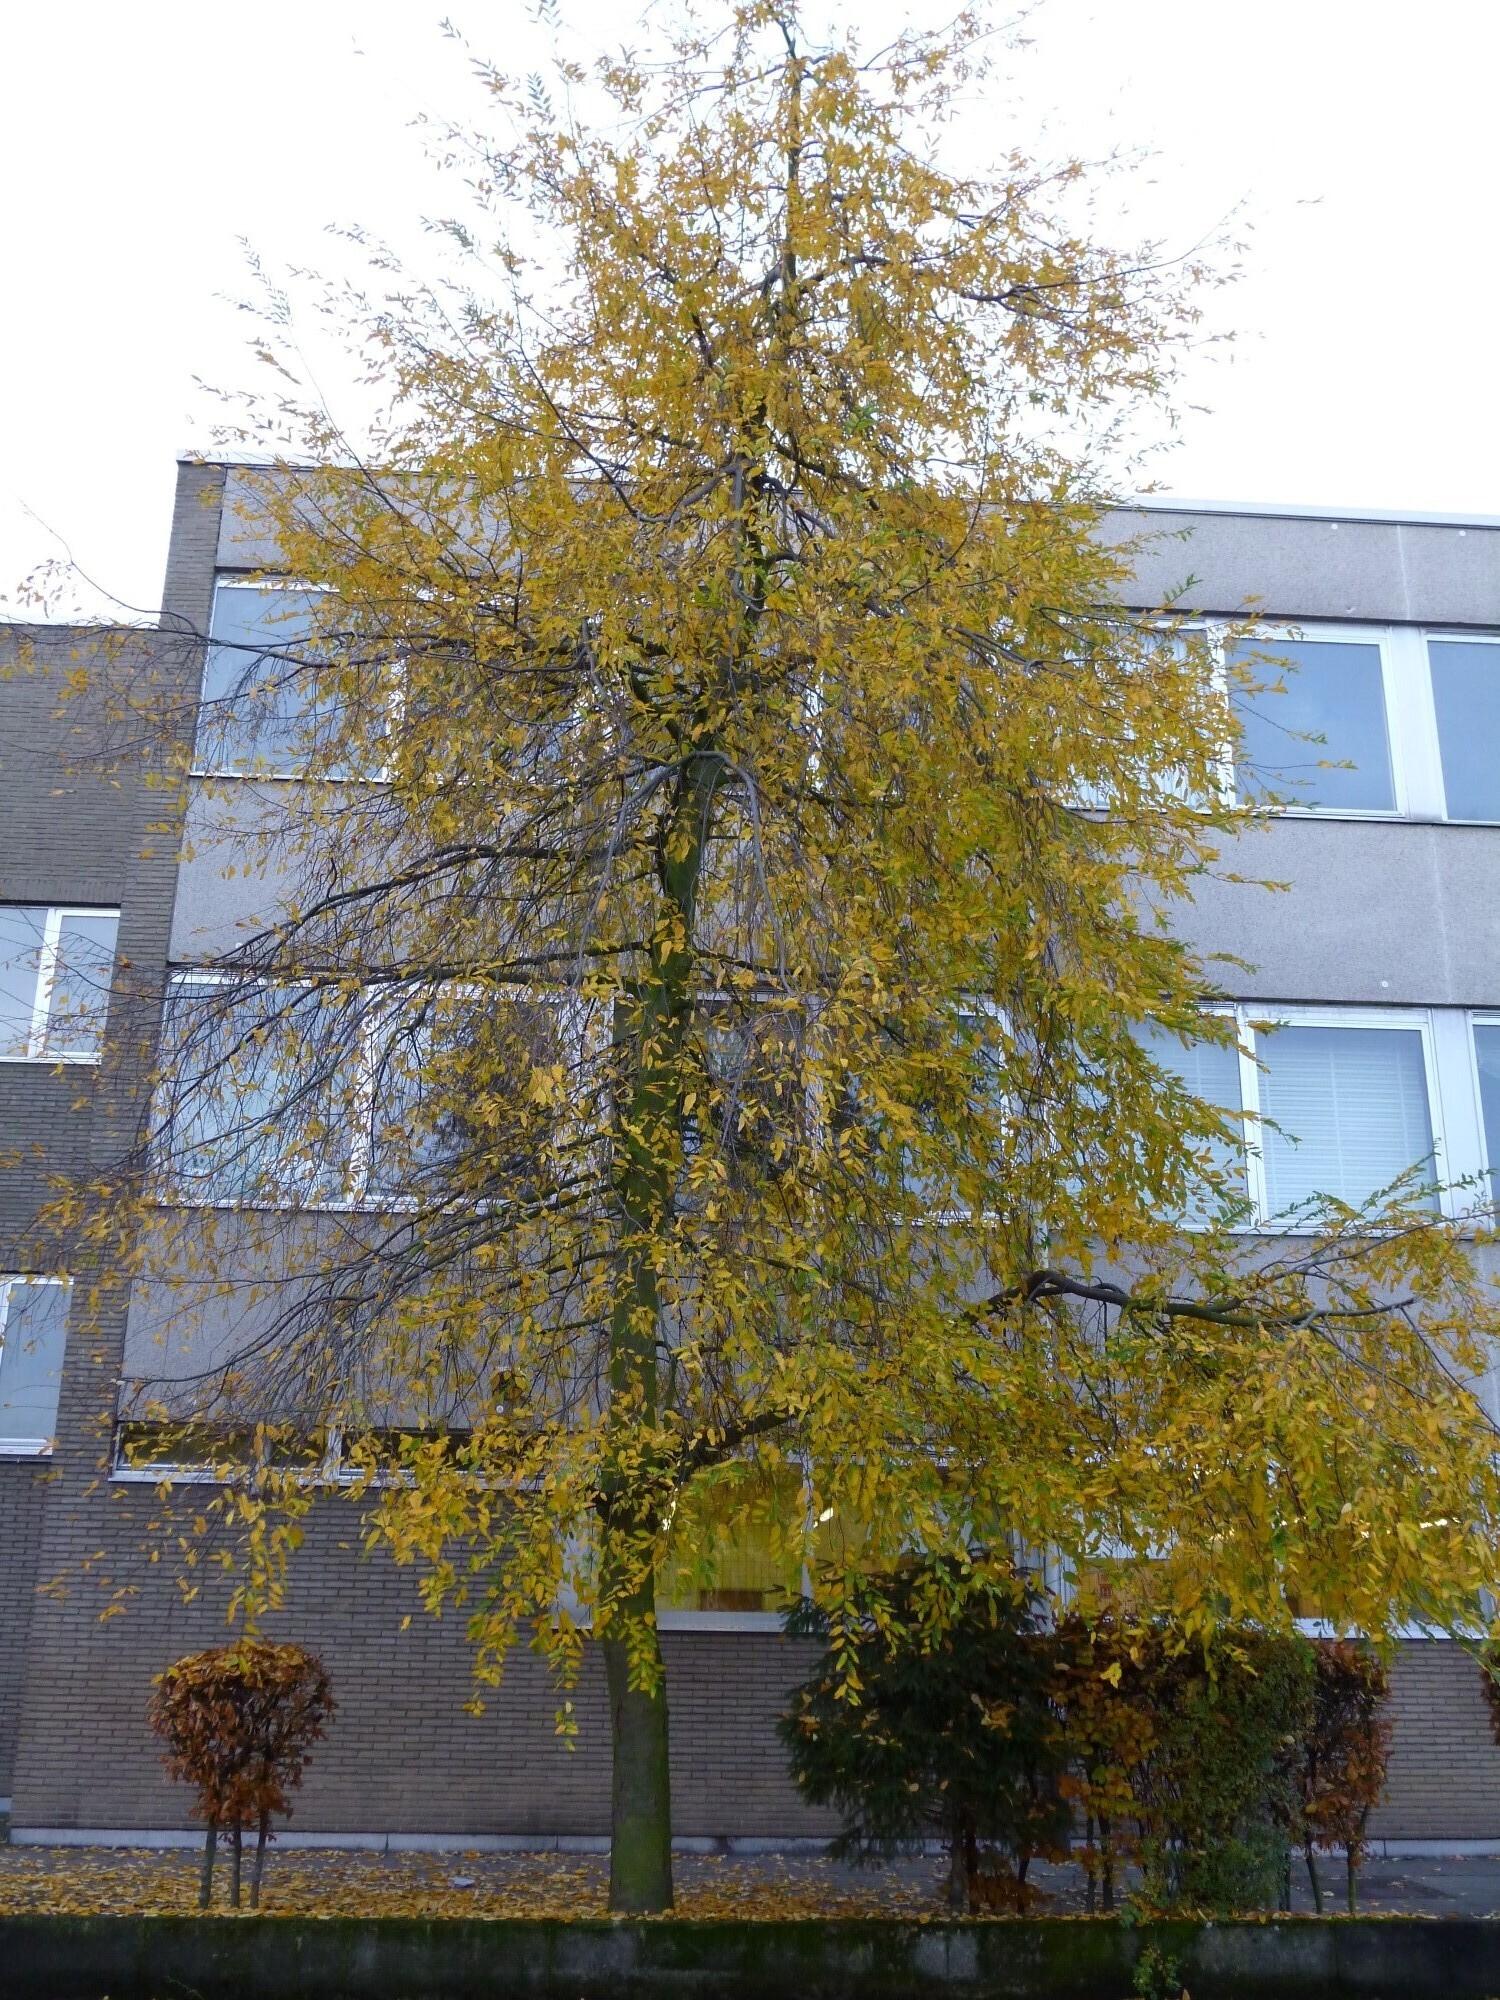 Nothofagus obliqua – Jette, Avenue de Levis Mirepoix, 100 –  20 Novembre 2012